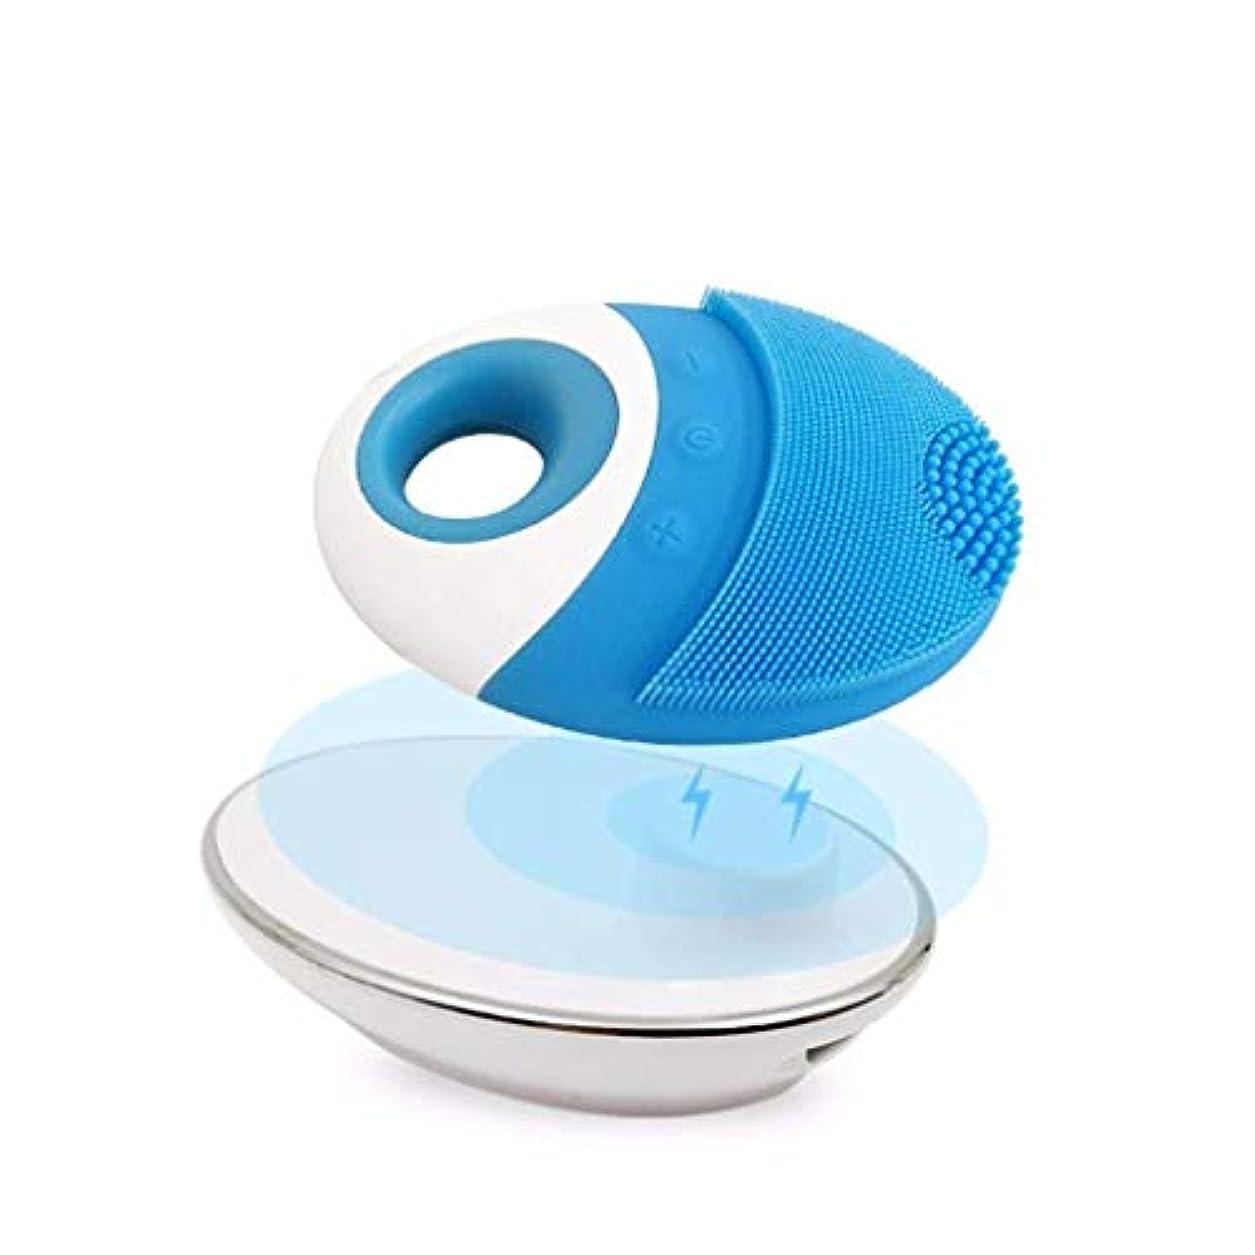 相互接続継承ウィザードクレンジング楽器、IPX 8防水充電式シリコーンクレンジングブラシ、ディープクレンジングブレッドマッサージ、毛穴の改善、太く鈍い